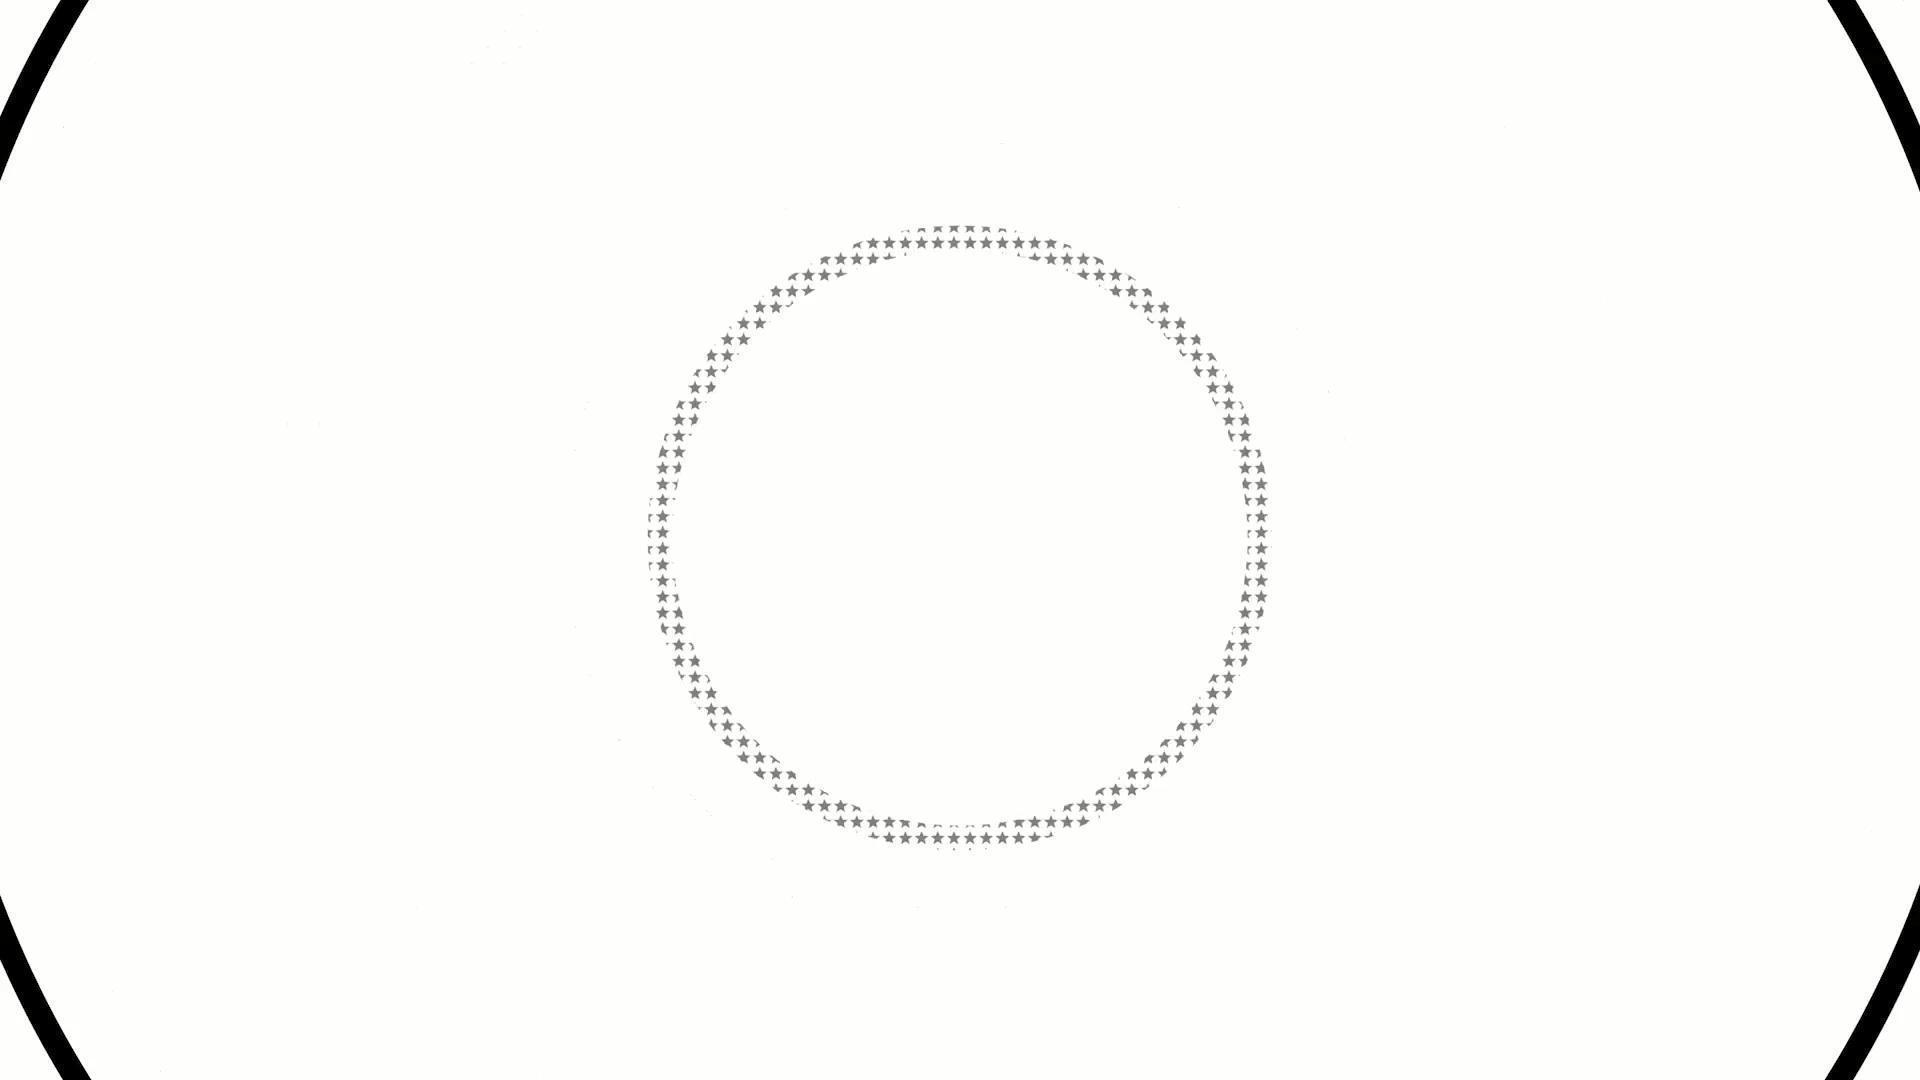 星圈类过渡转场素材4